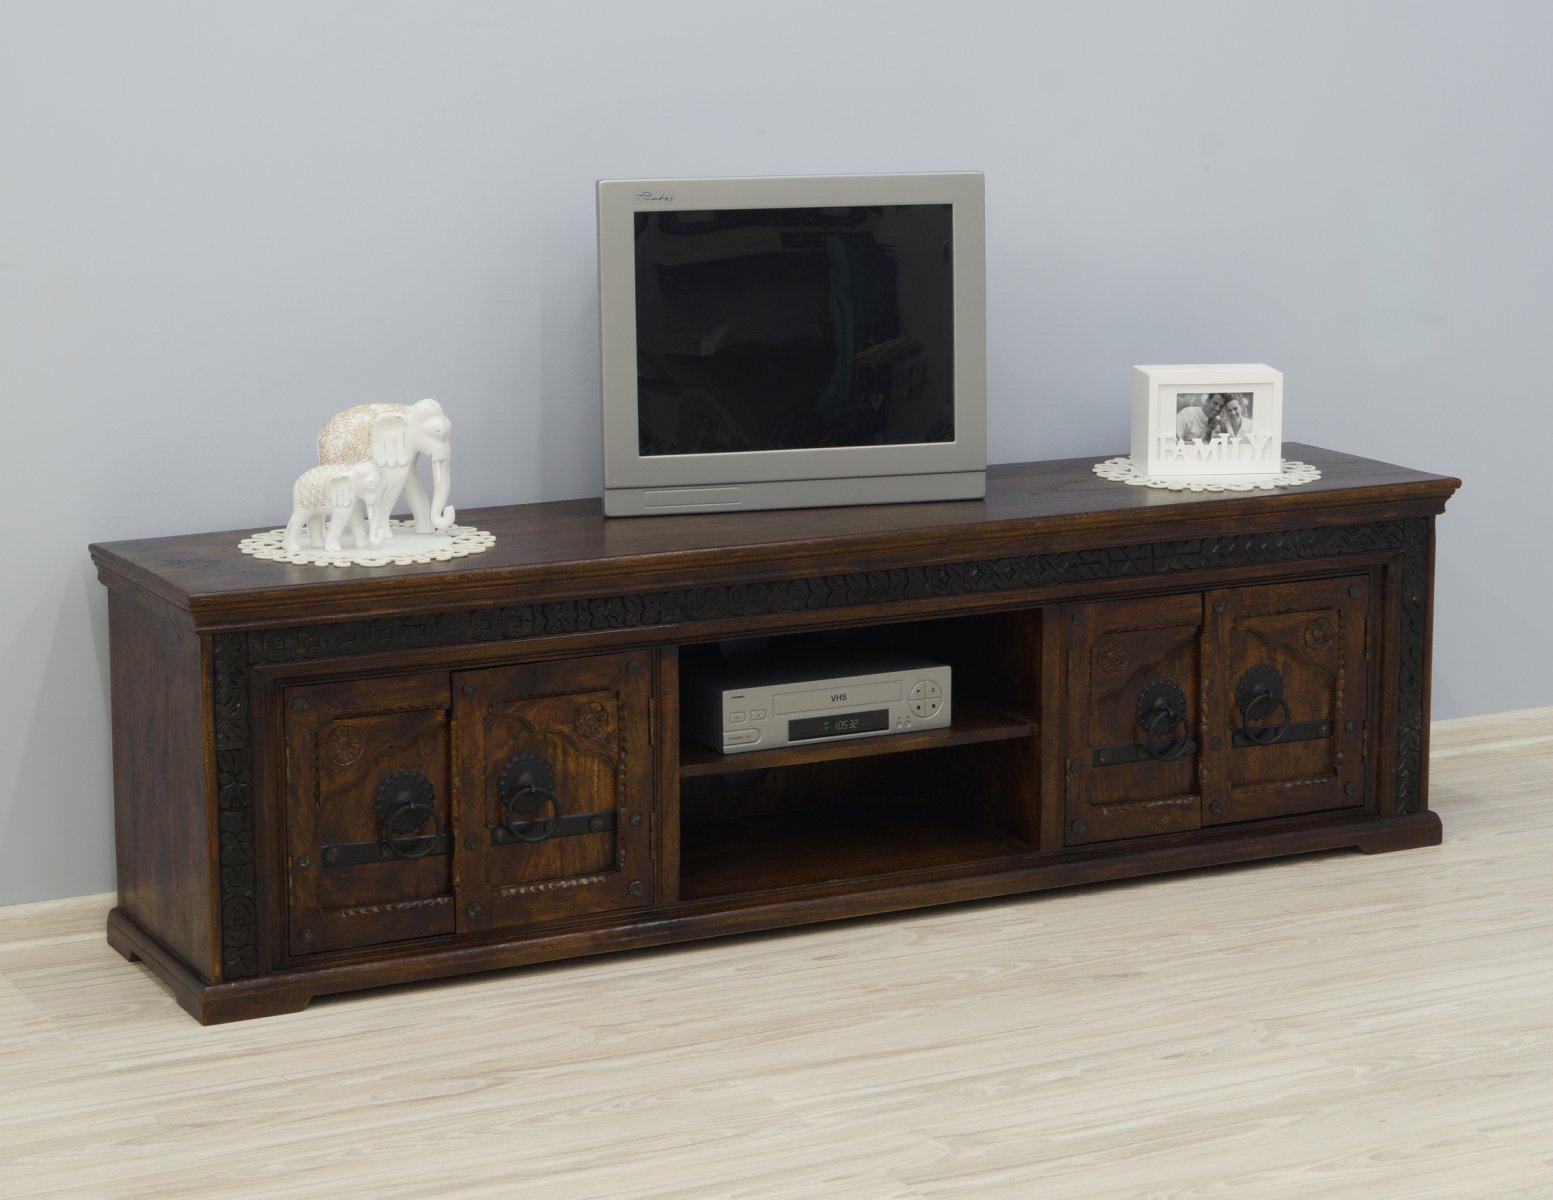 Komoda RTV szafka pod telewizor kolonialna indyjska lite drewno akacja indyjska rzeźbiona